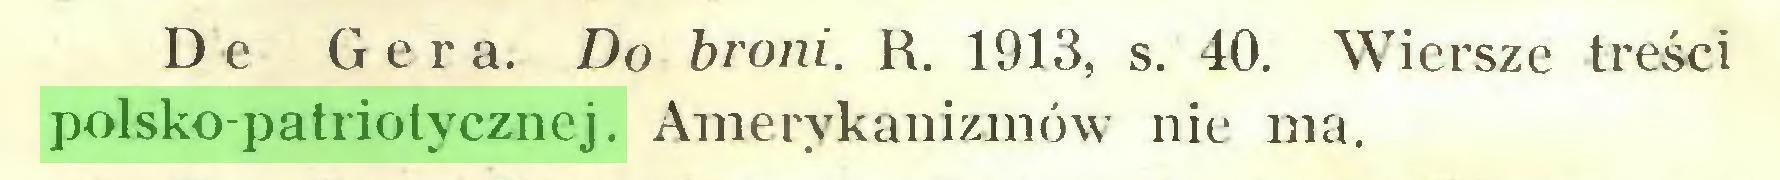 (...) Dc Gera. Do broni. R. 1913, s. 40. Wiersze treści polsko-patriotycznej. Amerykanizmów nie ma...